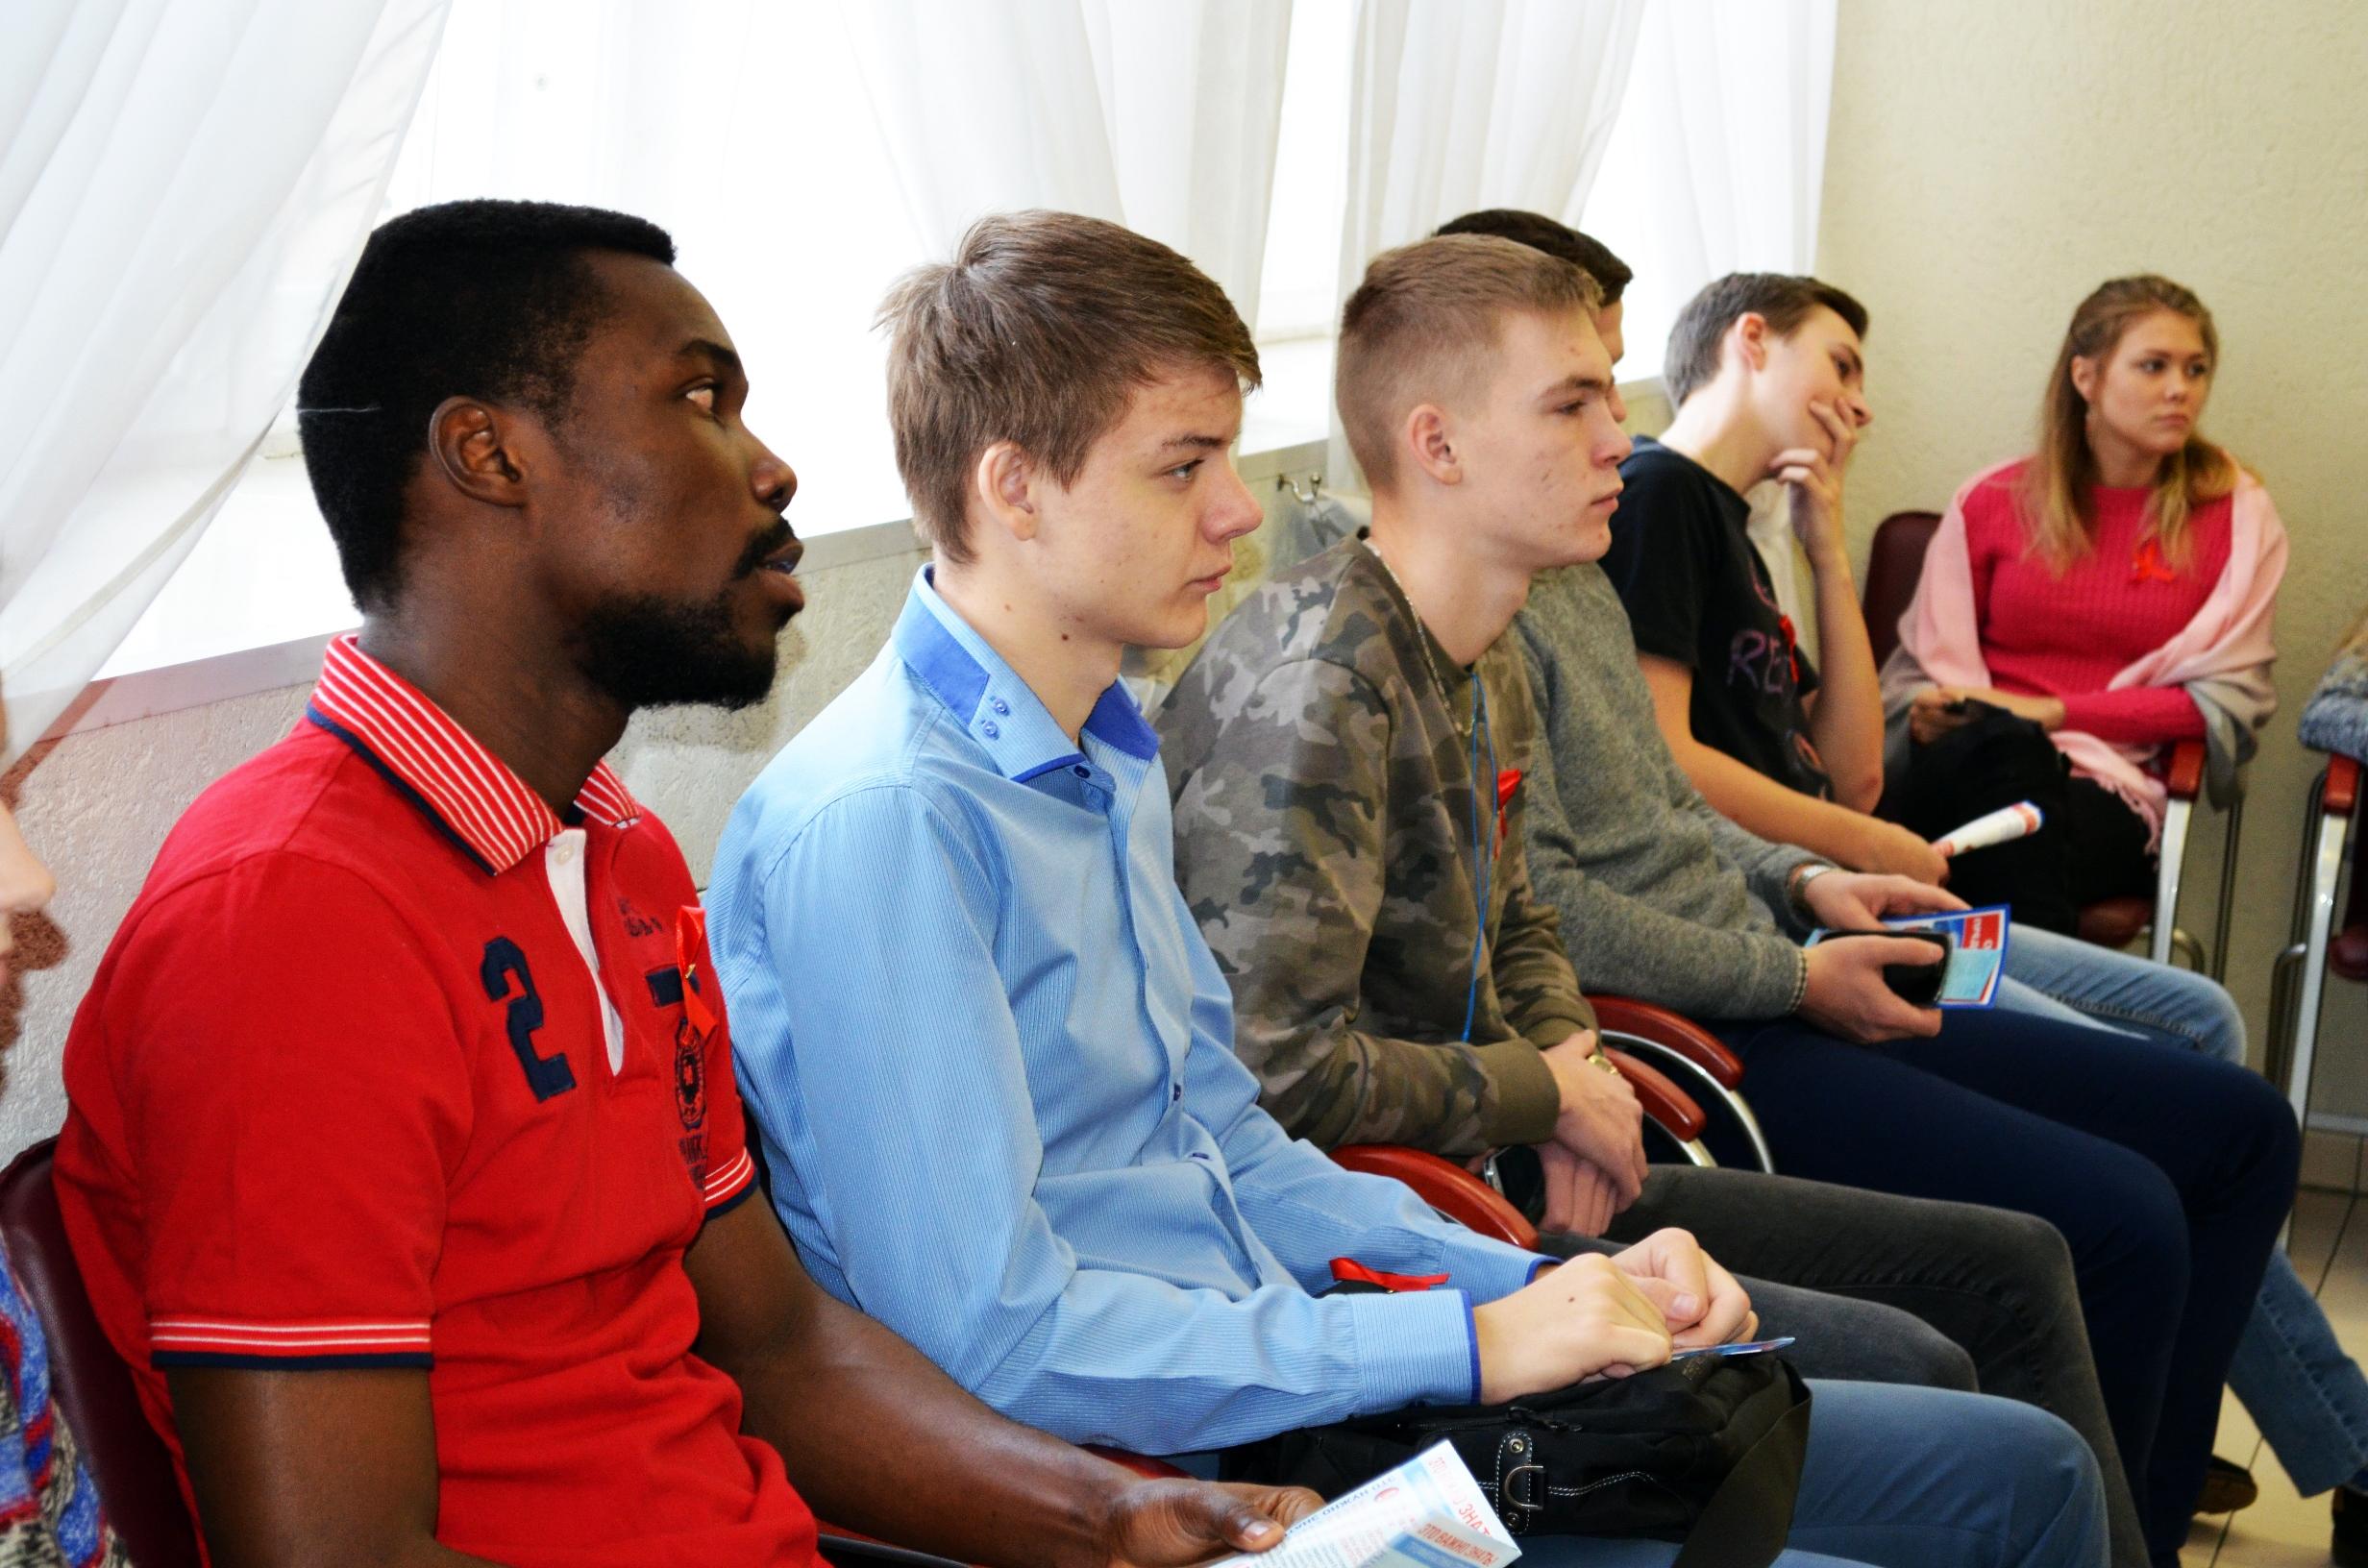 Новости о полиции иркутской области